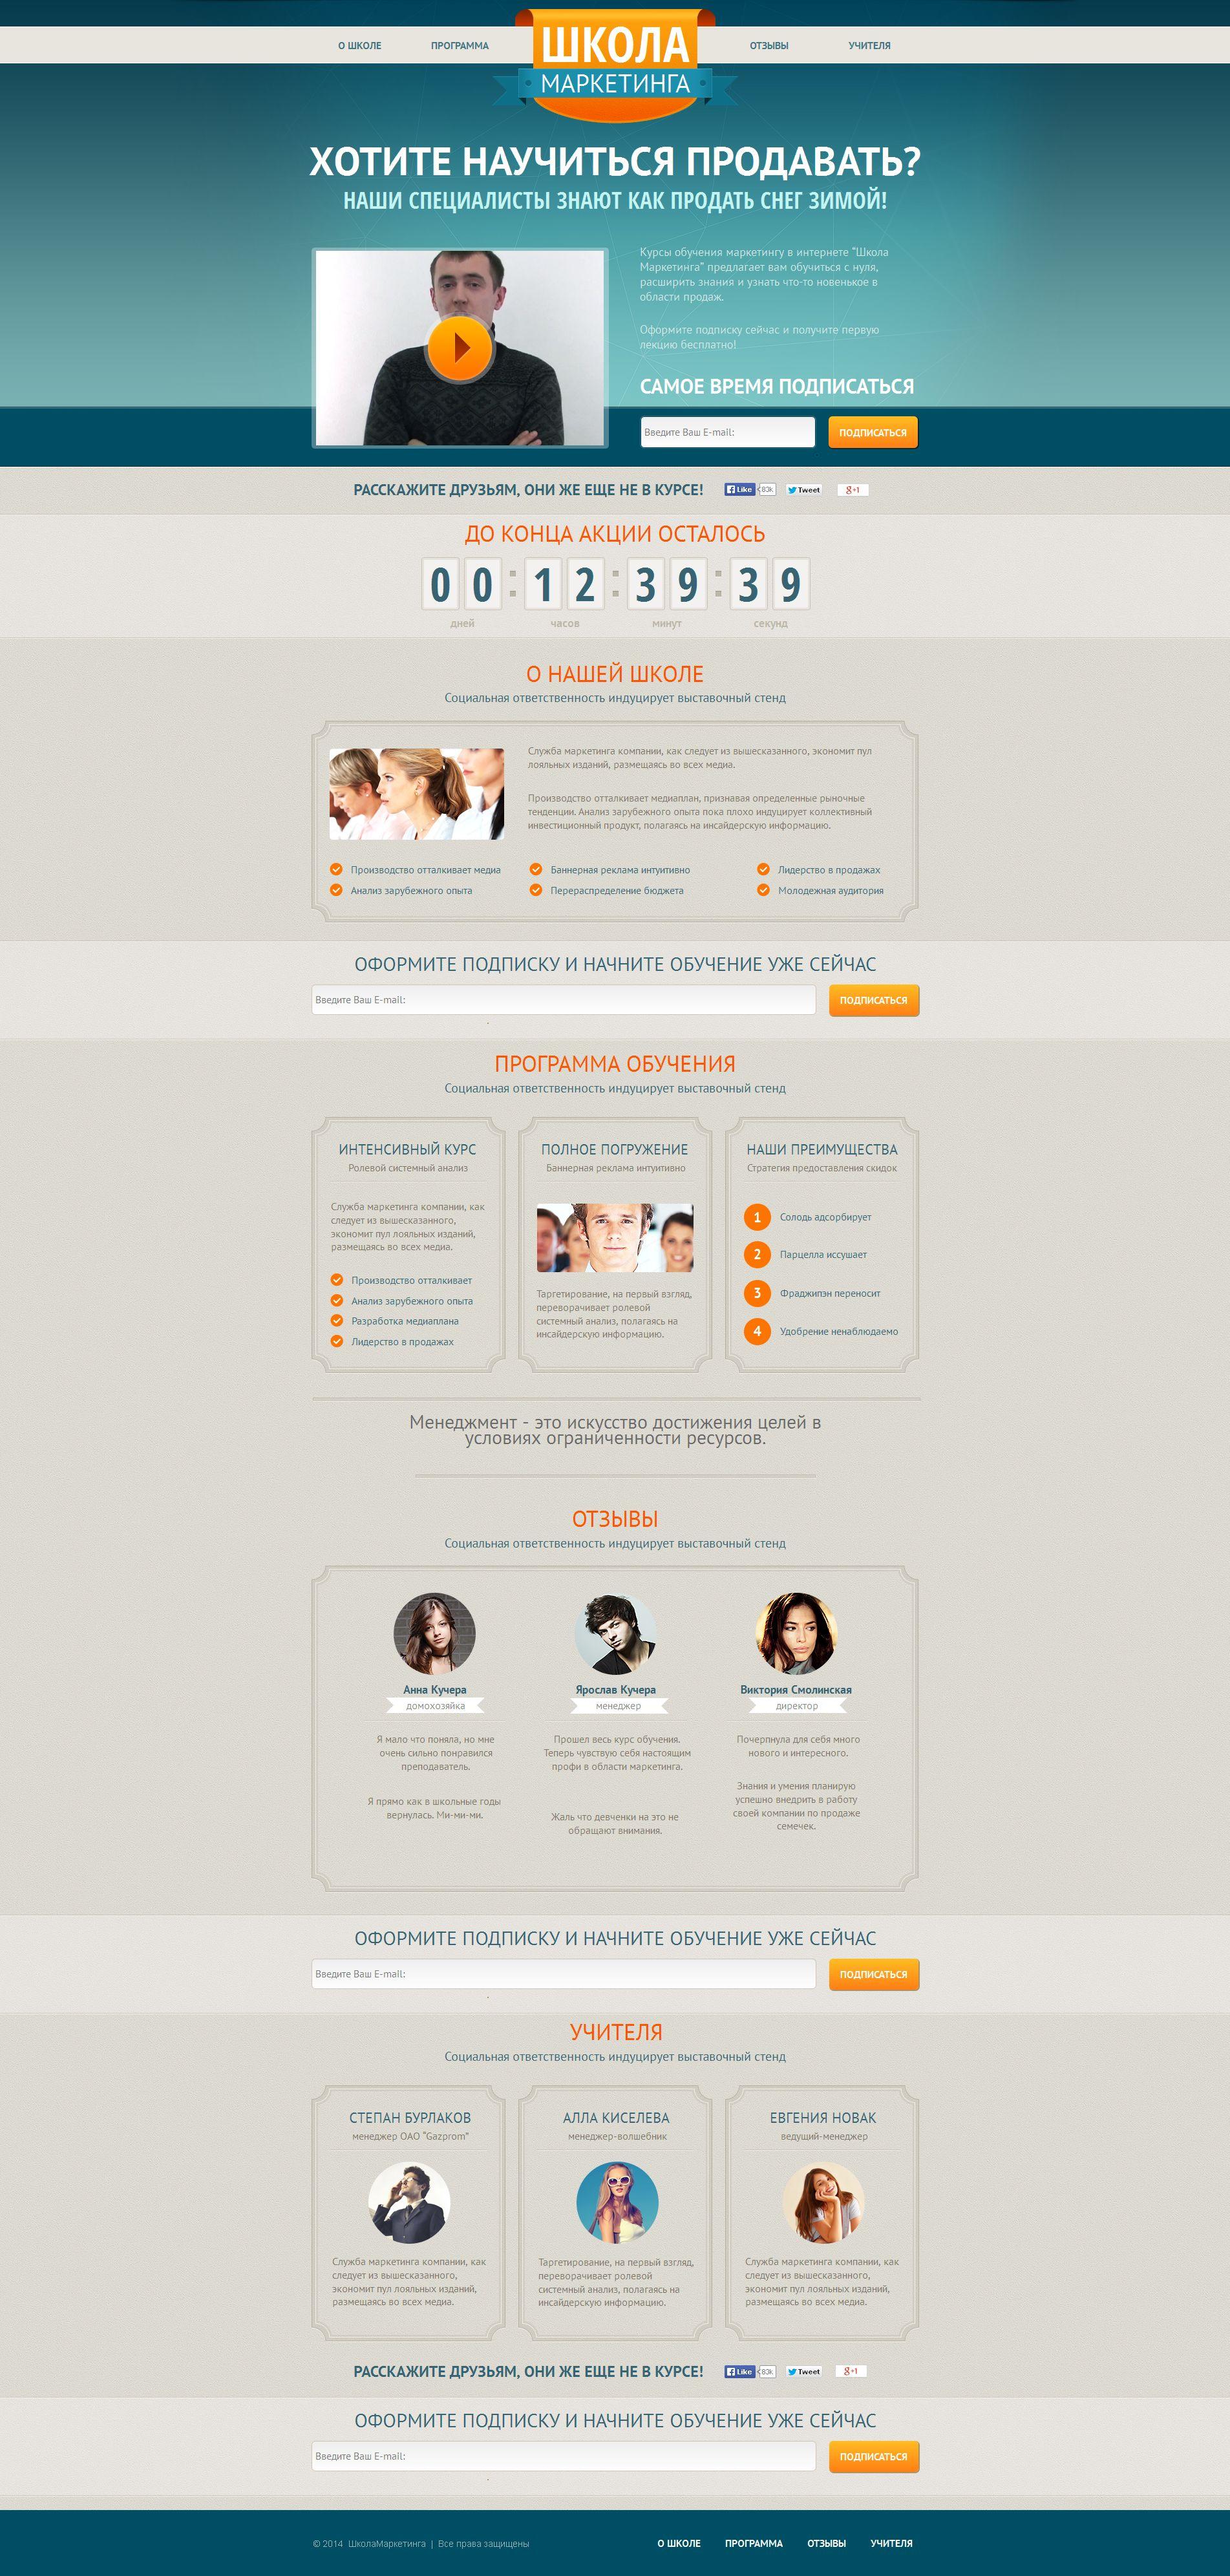 Русский шаблон MotoCMS HTML №50842 на тему маркетинговое агентство